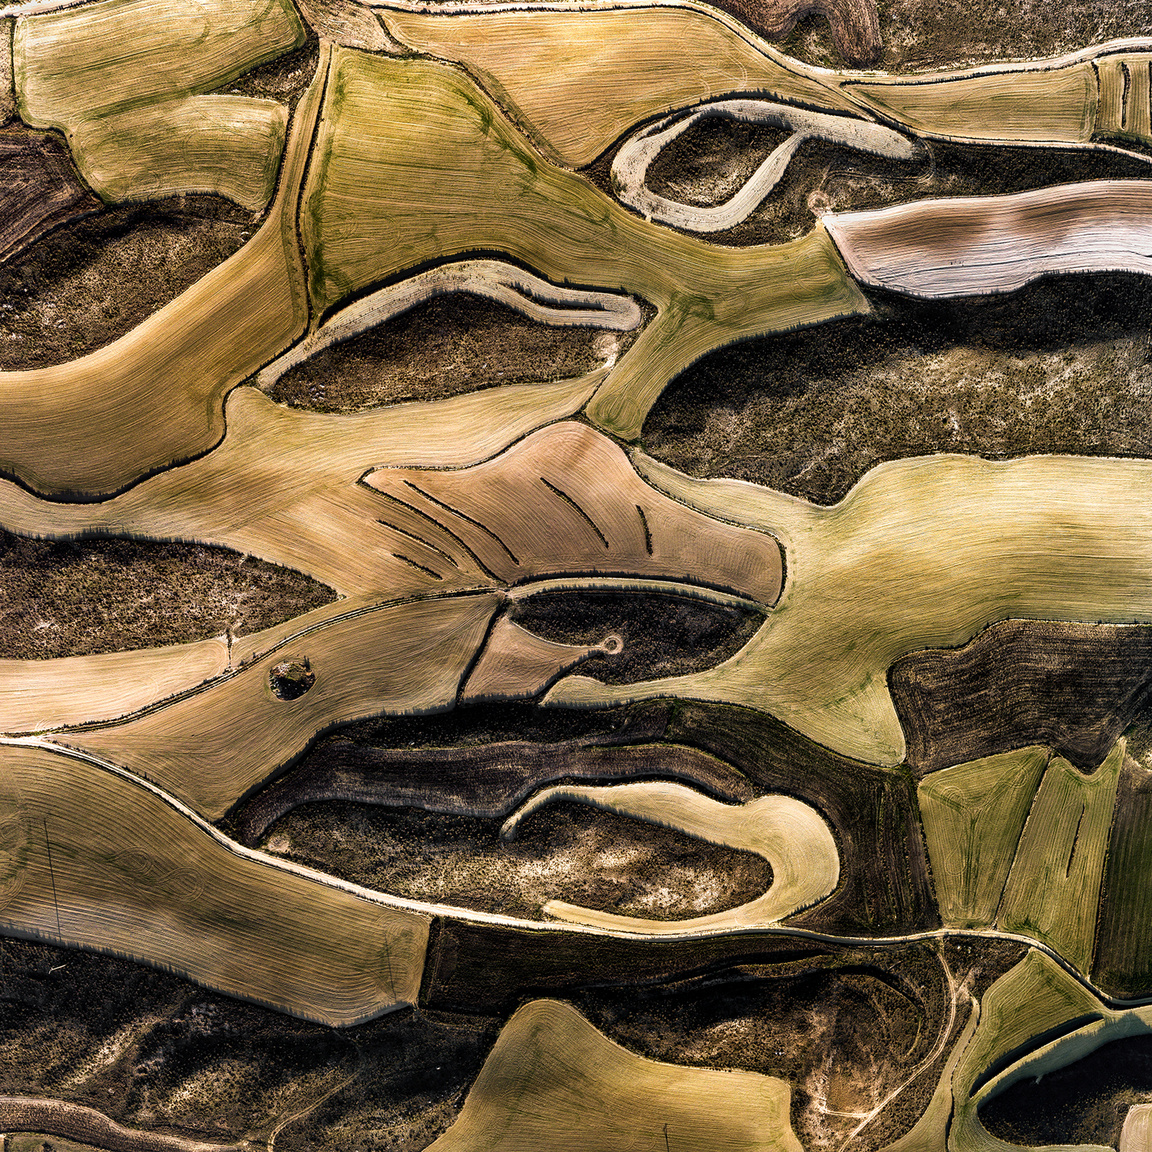 Val de SondaSötét, száraz növényzettel borított dombok között megmunkált mezők vannak, ahol frissen kibújt búzaszálak zöldellnek. A vonalaknak látszó kőfalak tartják meg a vizet.Villamayor de Gállego, Zaragoza, Spanyolország. 2018.12.30.A képen látható terület szélessége: 680 m.